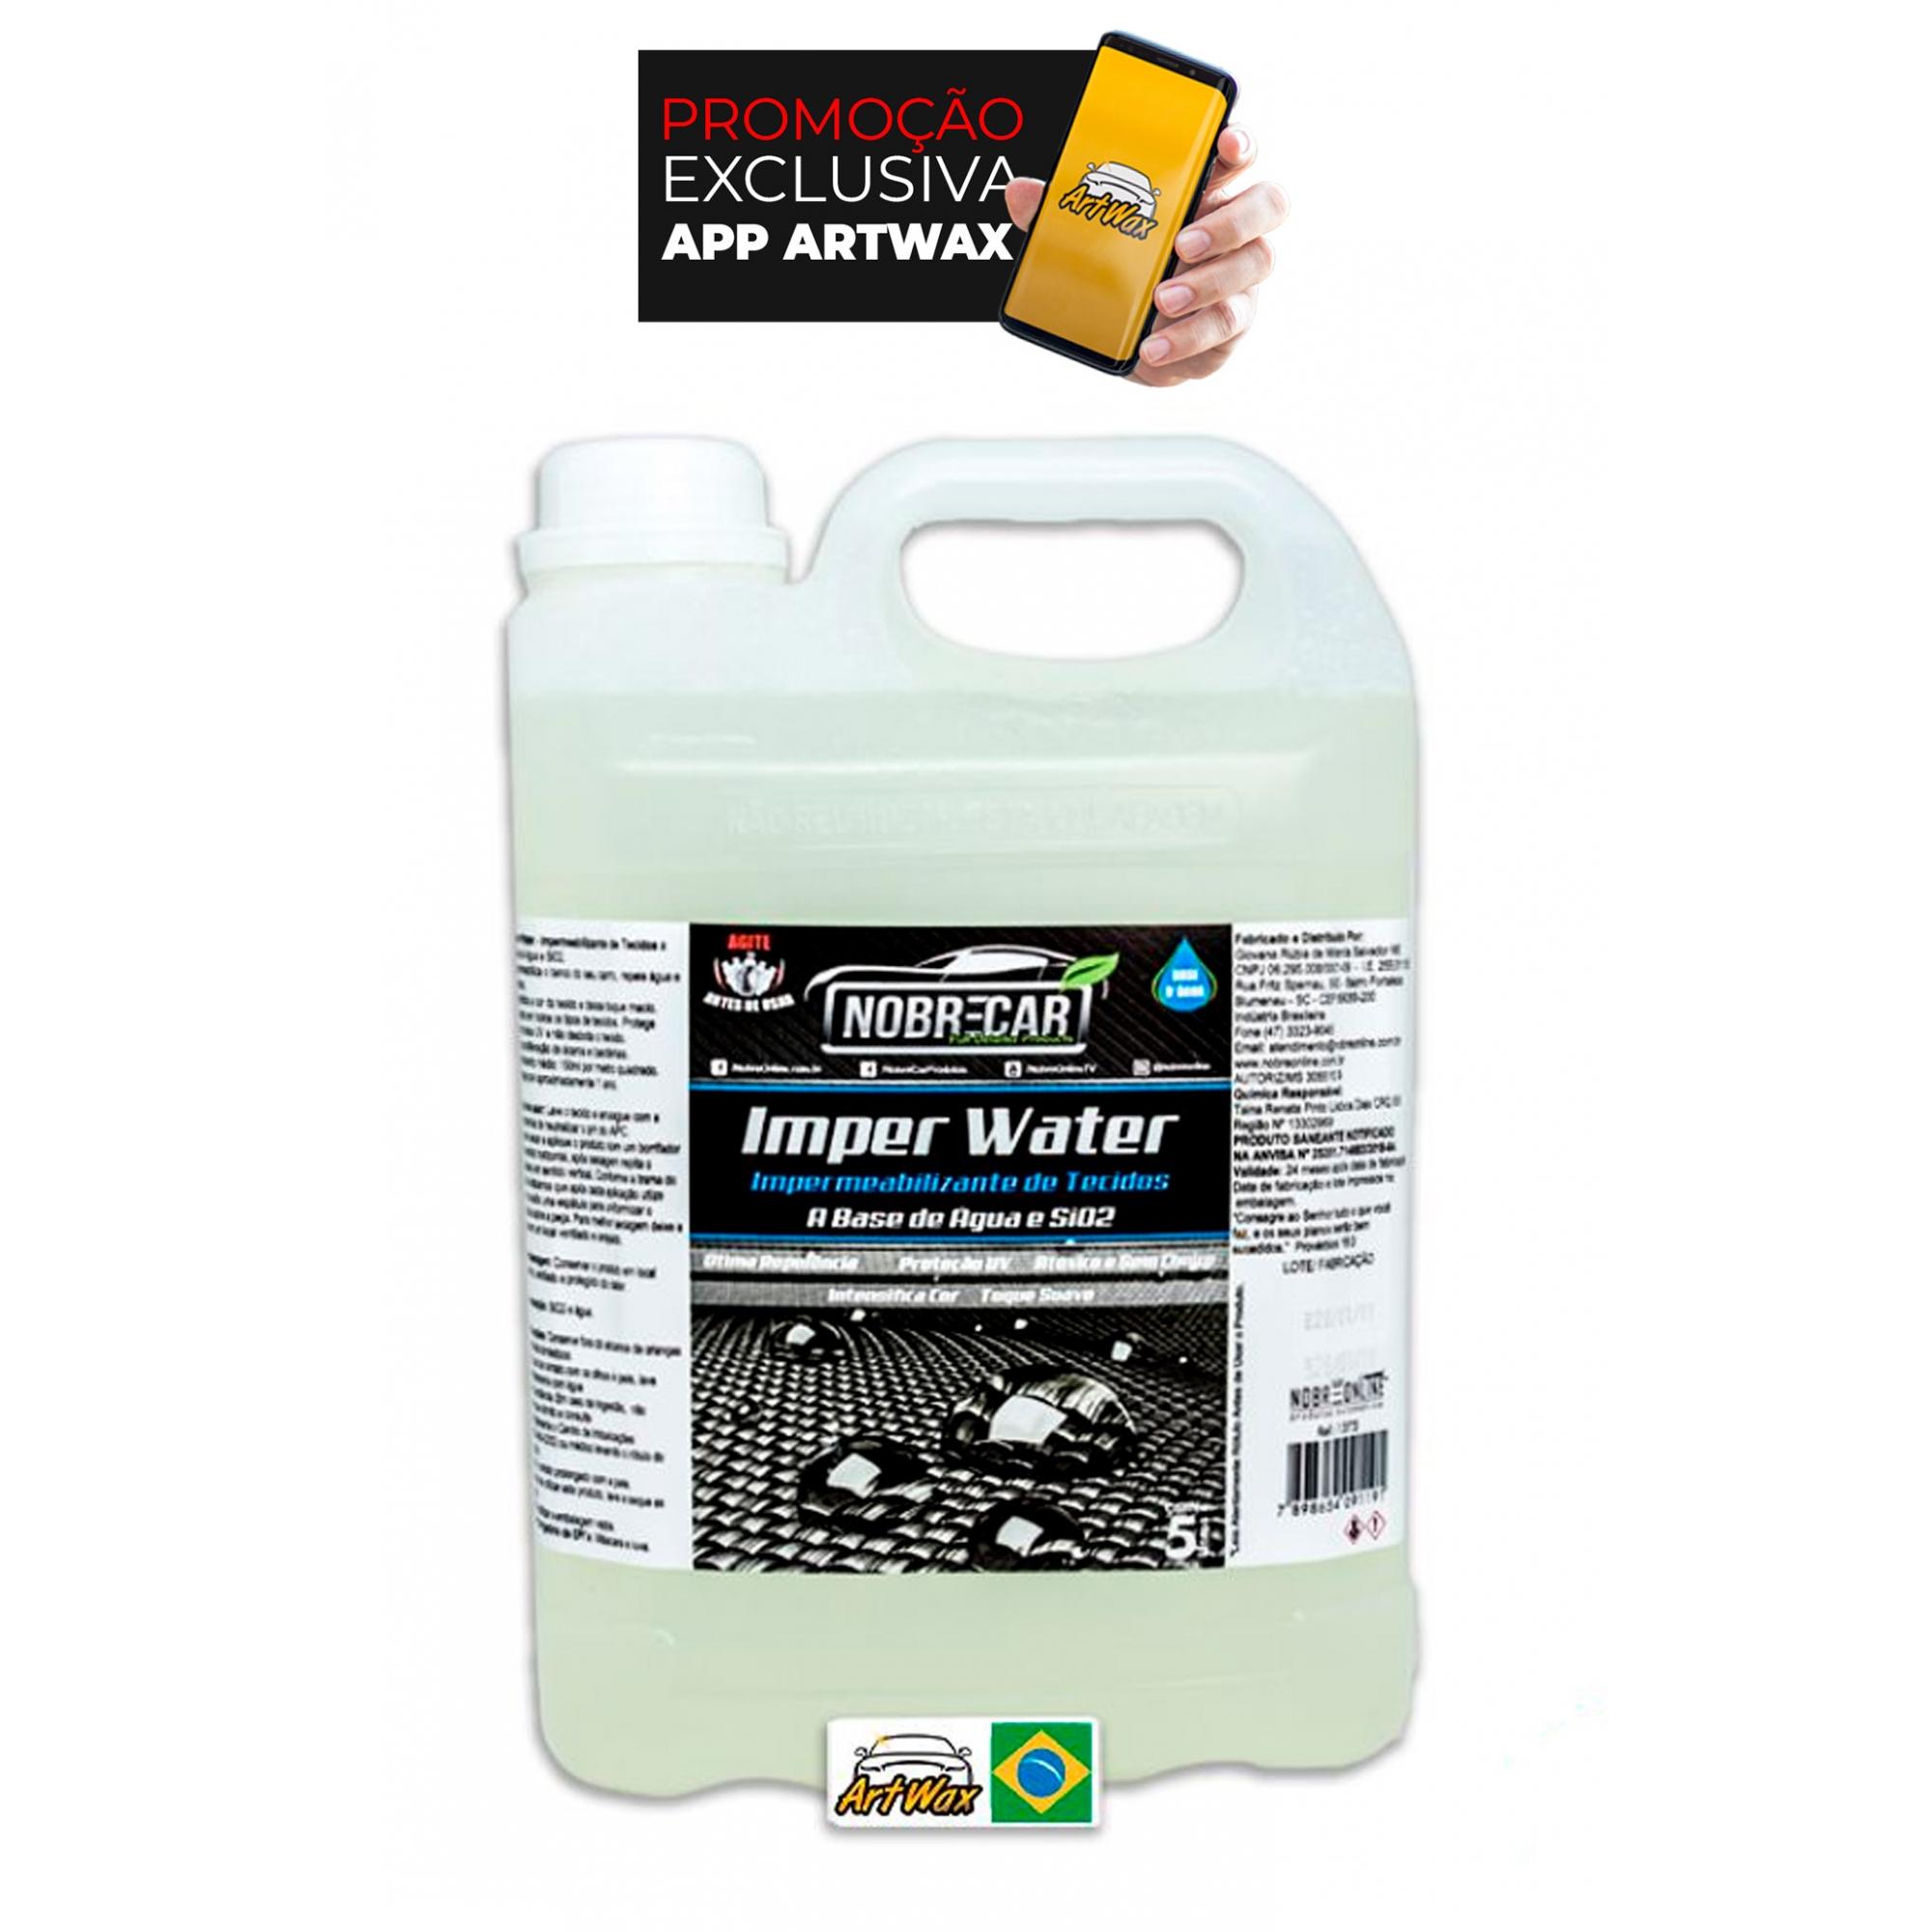 Nobre Car Imper Water 5L - Impermeabilizante de Tecidos a Base de Água e SiO2